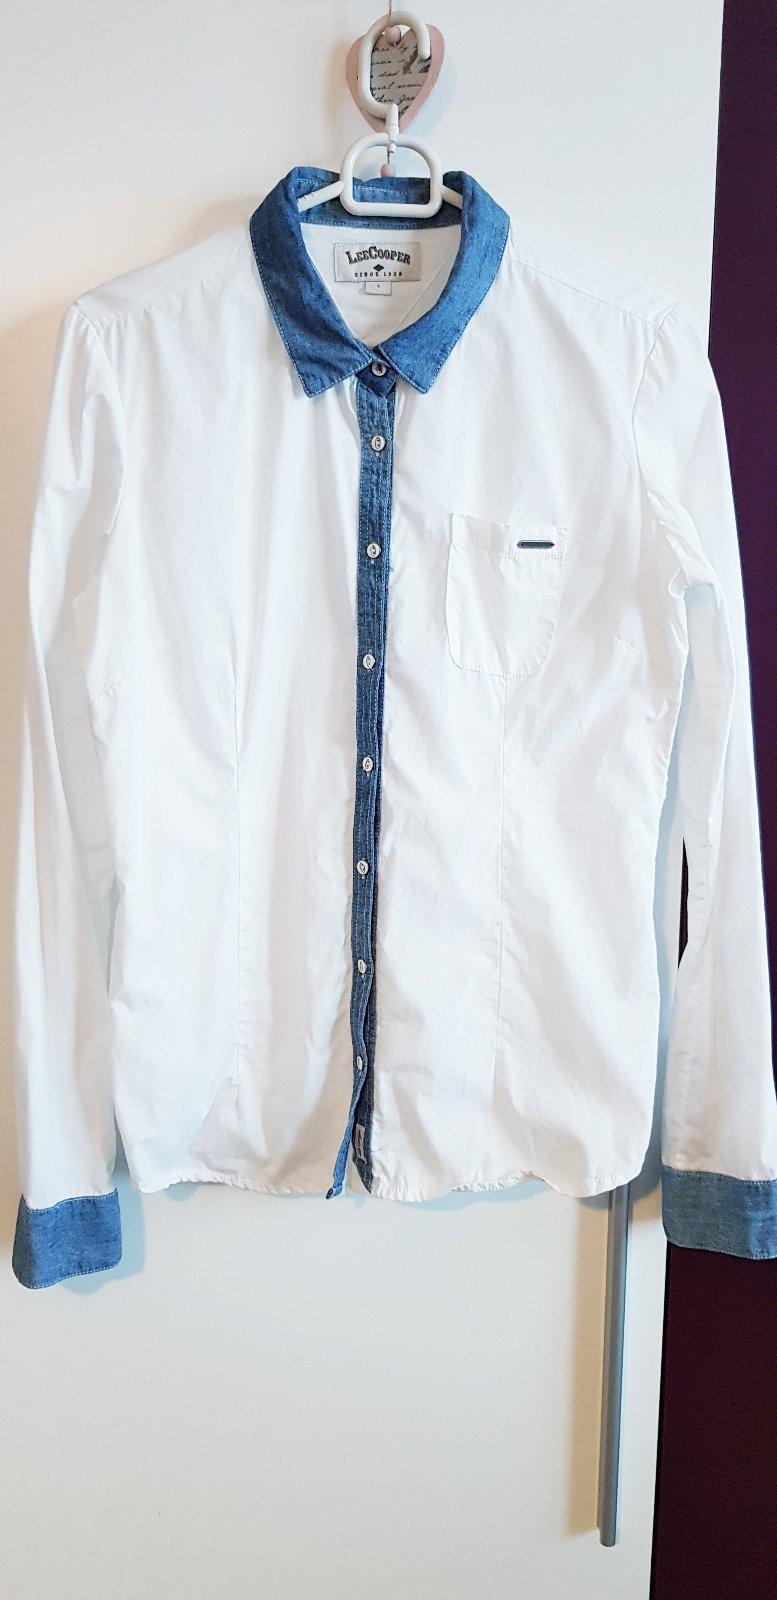 bdfb4e65846b Biela dámska košeľa s rifľovým golierom - leecoope